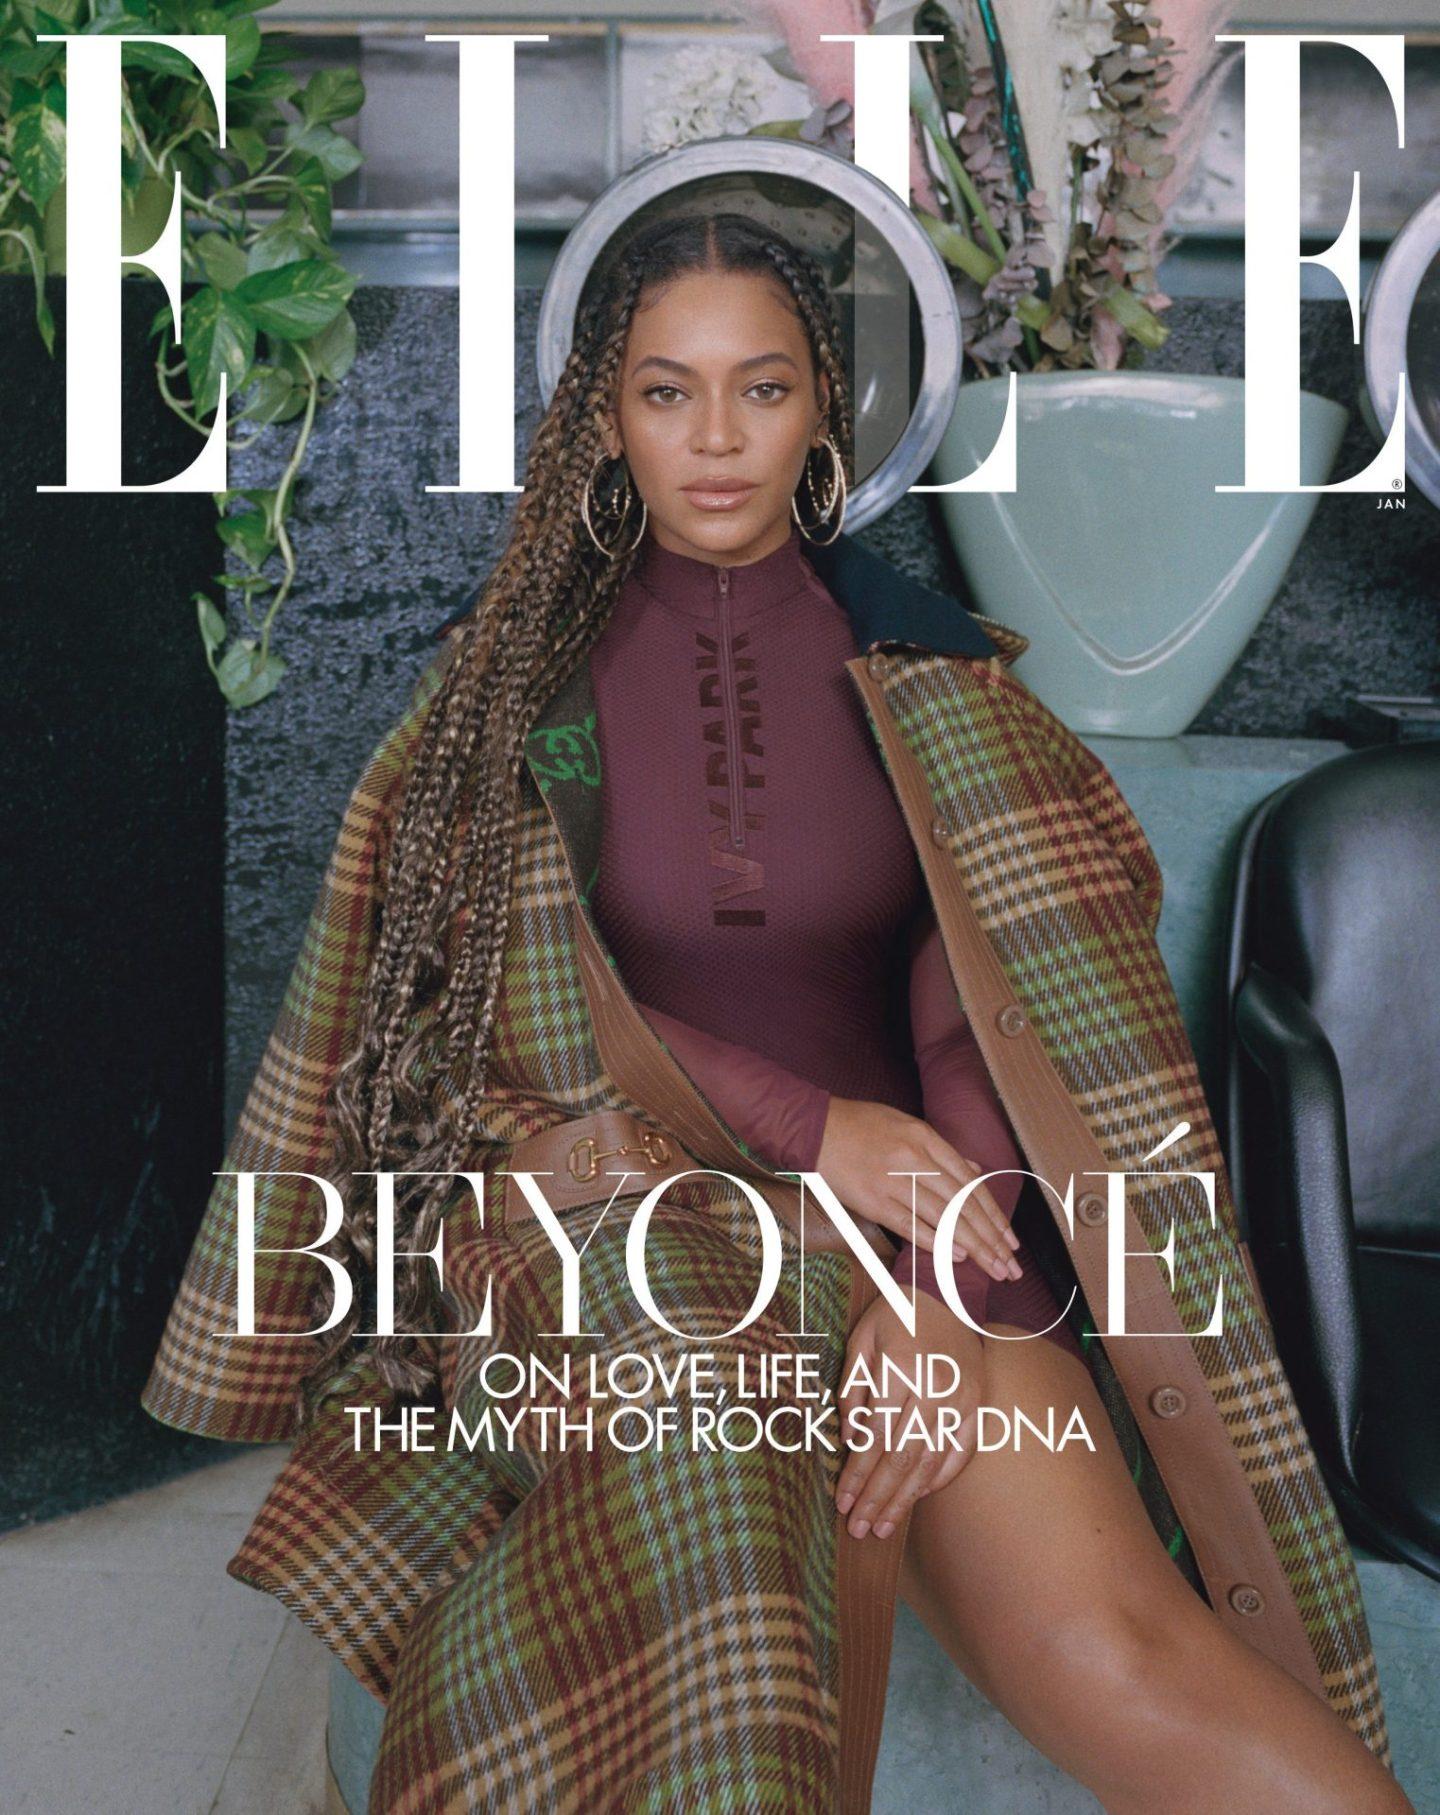 Beyoncé Covers Elle Mag + Teases IVY PARK Relaunch